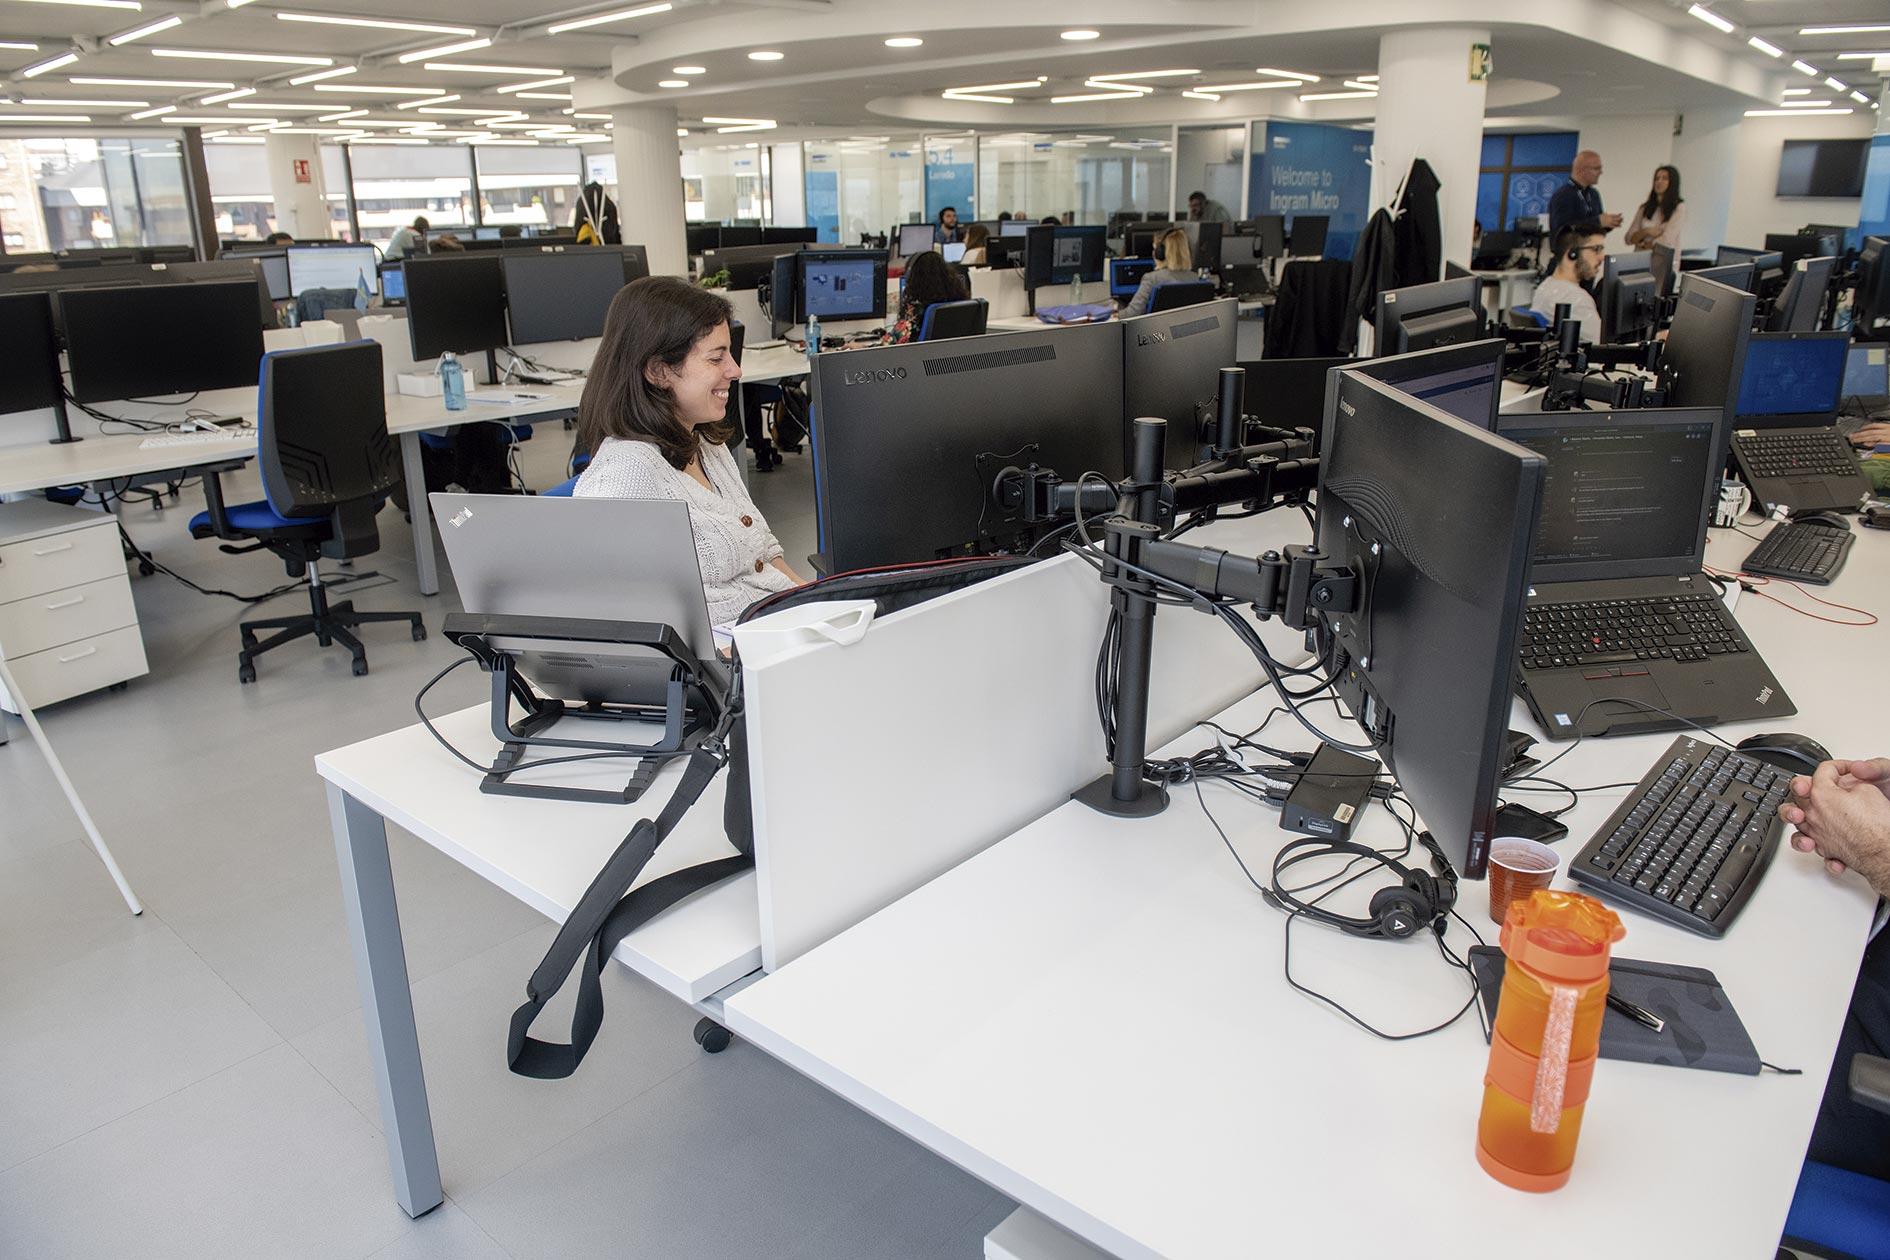 En Ingram Micro trabajan en grandes salas diáfanas, para fomentar la comunicación, la colaboración y el trabajo en equipo.